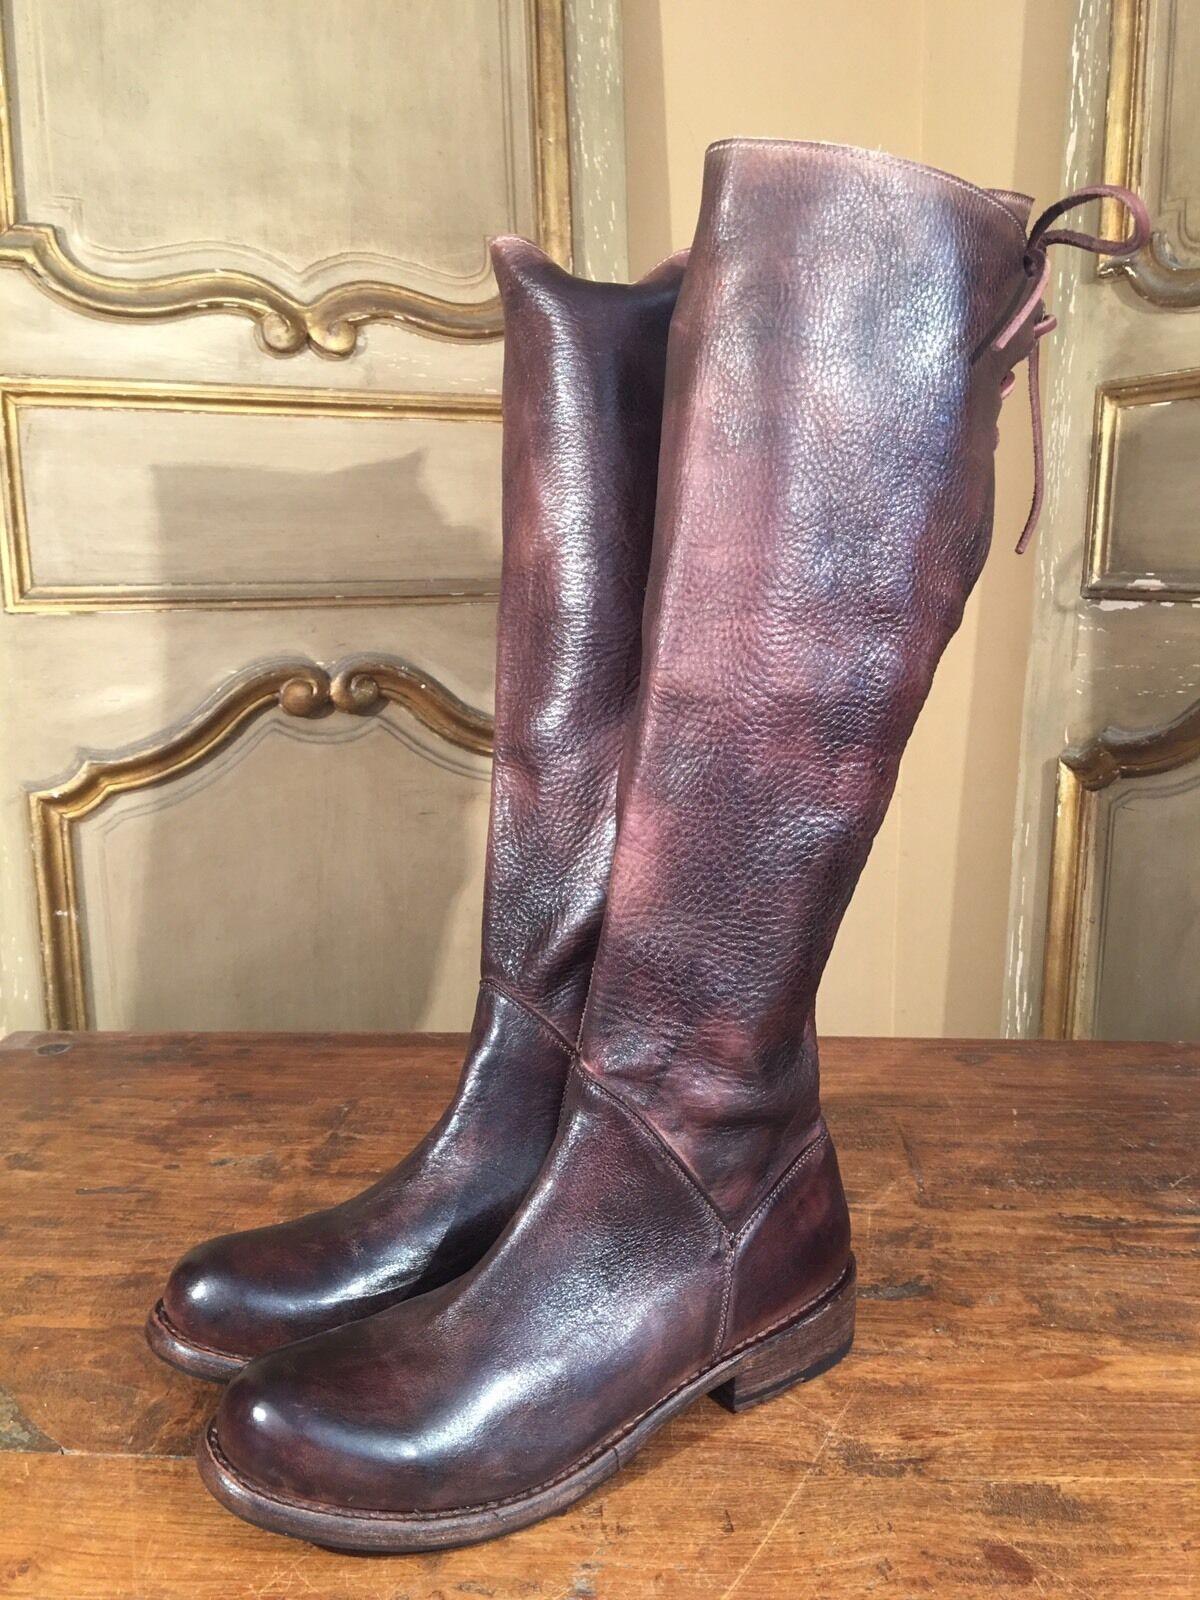 New Bed Stu Manchester Cobbler Series Tall Knee High Campus Womens Boots Sz 7.5